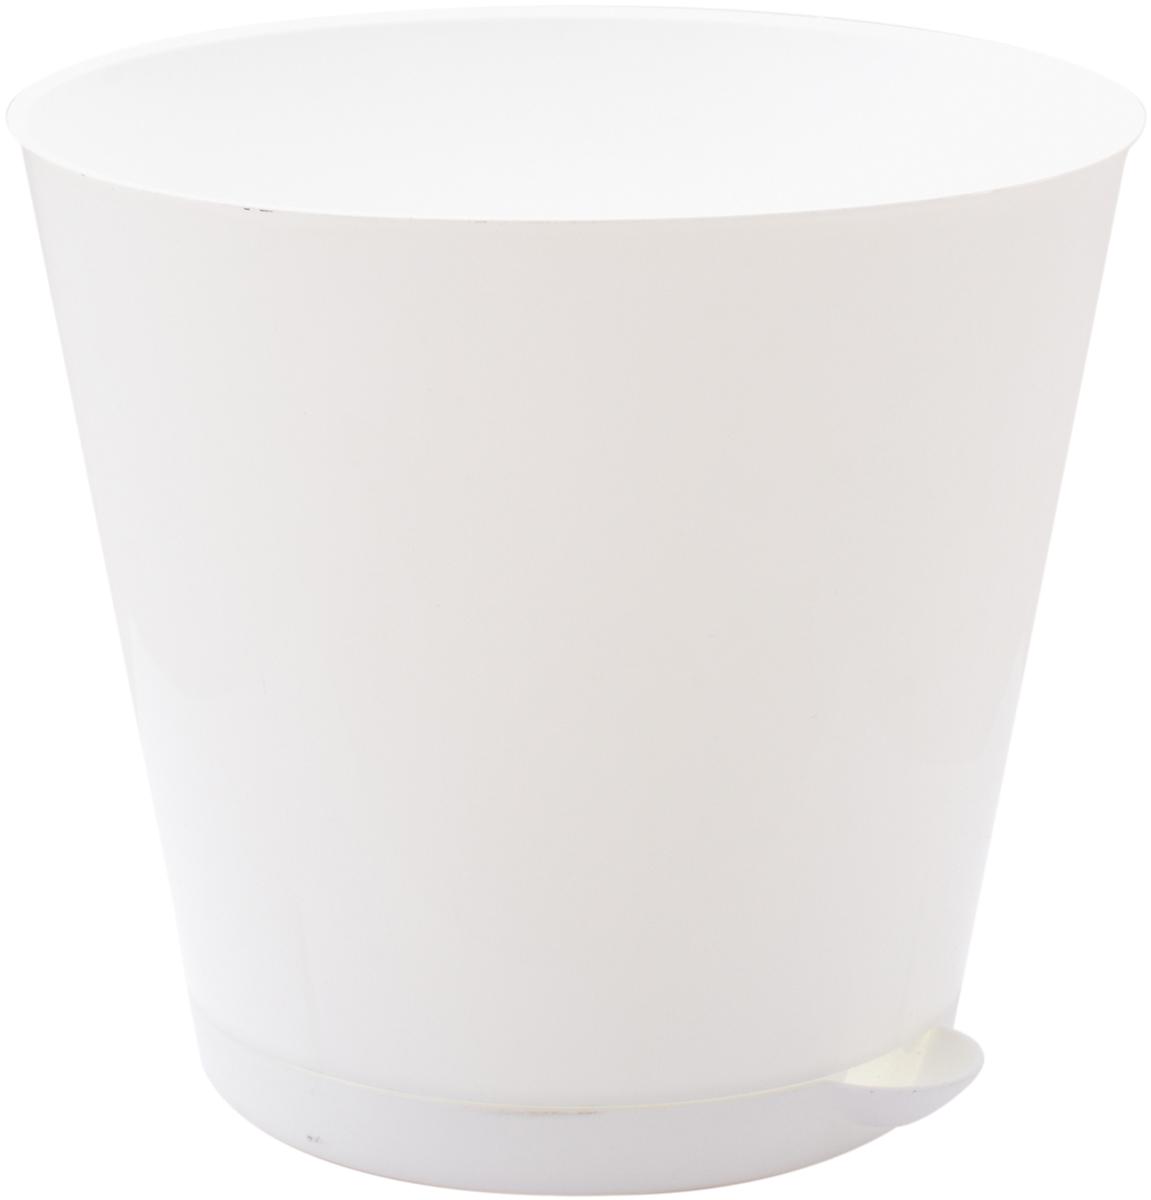 Горшок для цветов InGreen Крит, с системой прикорневого полива, цвет: белый, диаметр 20 смZ-0307Цветочный горшок «Крит» -это поиск нового, в основе которого лежит целесообразность. Горшок лаконичный и богат яркими цветовыми решениями, отличается функциональностью. Специальная конструкция обеспечивает вентиляцию в корневой системе растения, а дренажная решетка позволяет выходить лишней влаге из почвы. Крепёжные отверстия и штыри прочно крепят подставку к горшку. Прикорневой полив растения осуществляется через удобный носик.